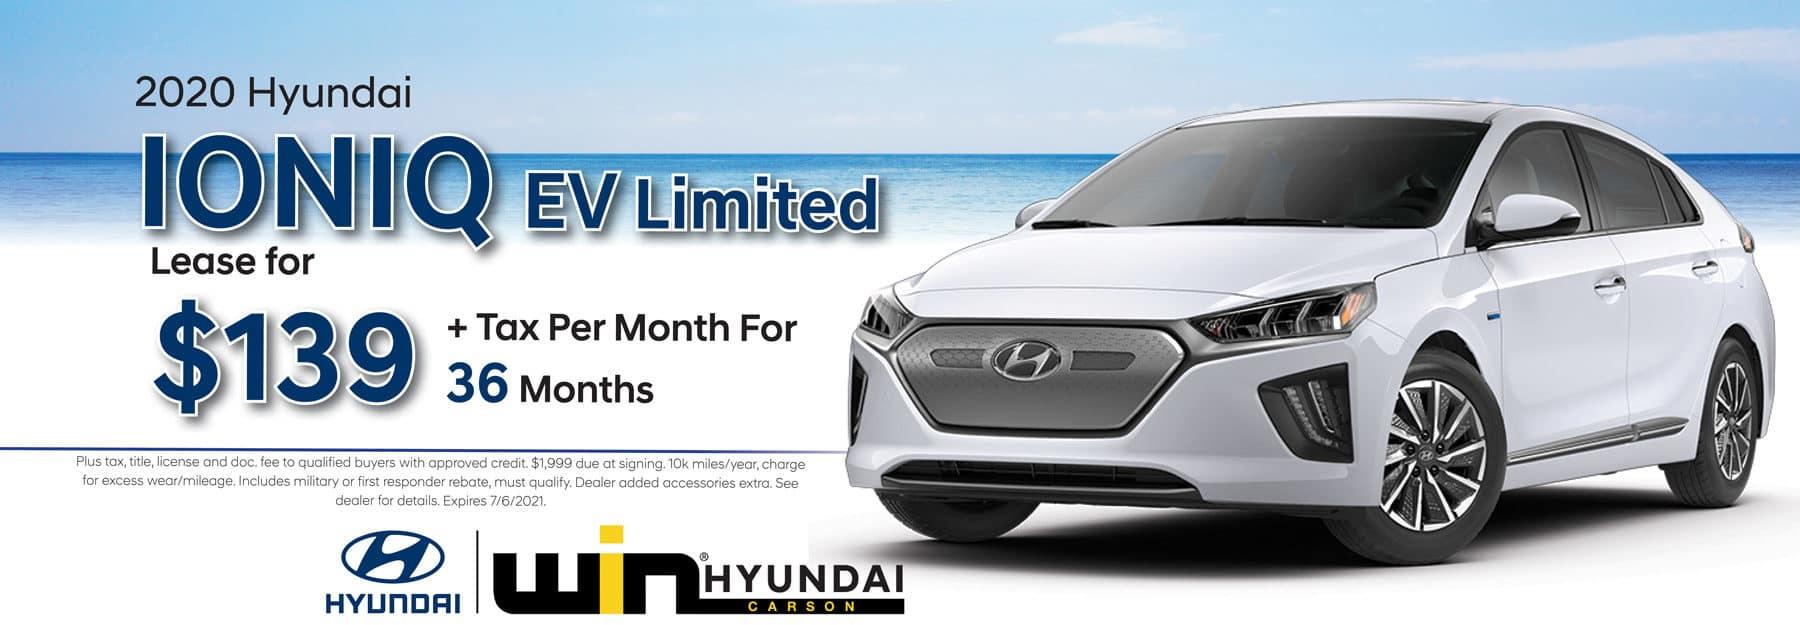 061.240.04_WIN_Hyundai_Carson_1800x625_Ioniq_Dealer-Web